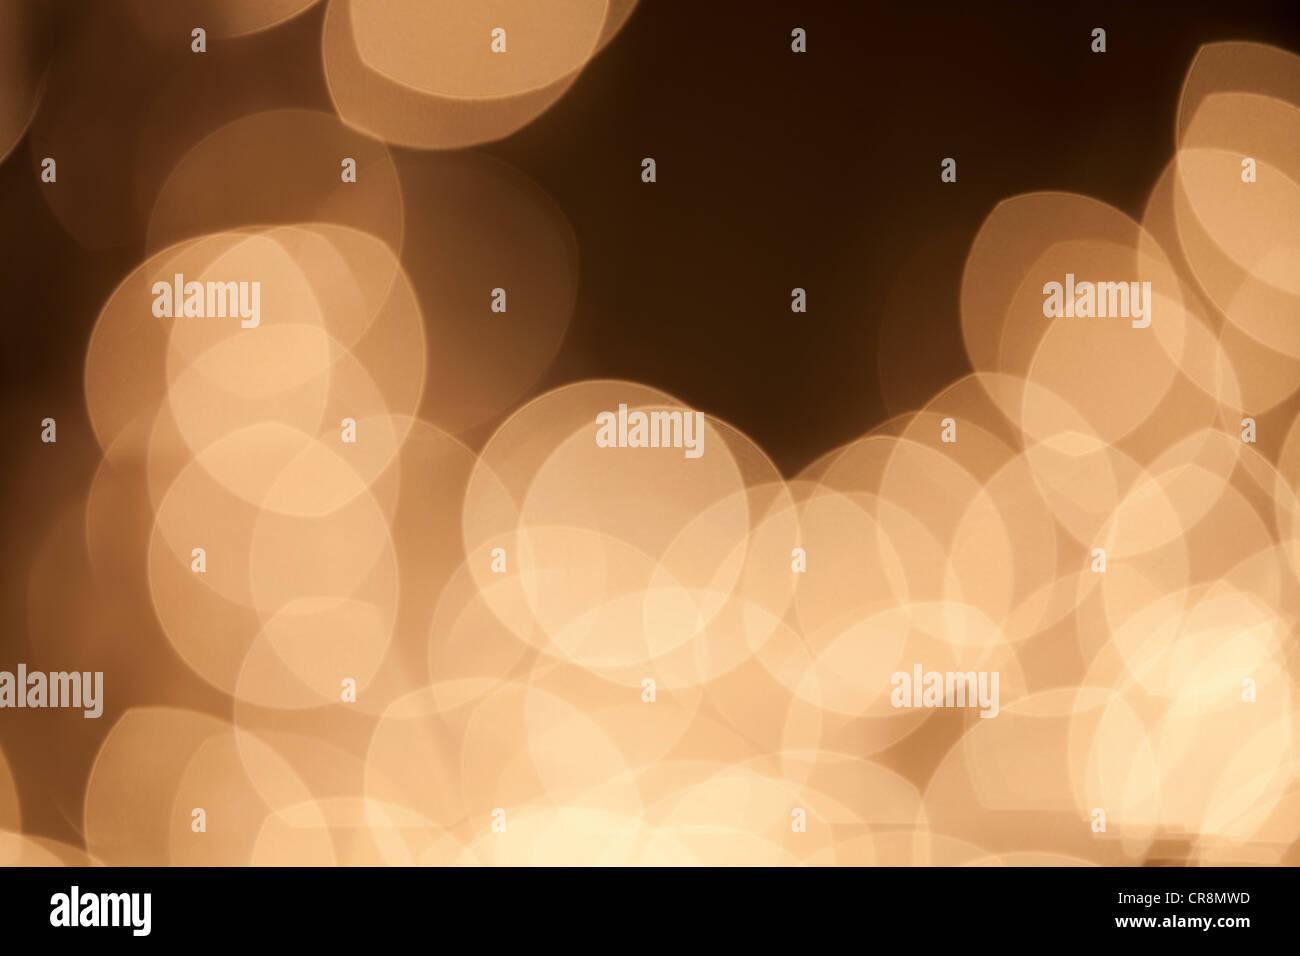 Abstract luci di colore beige Immagini Stock